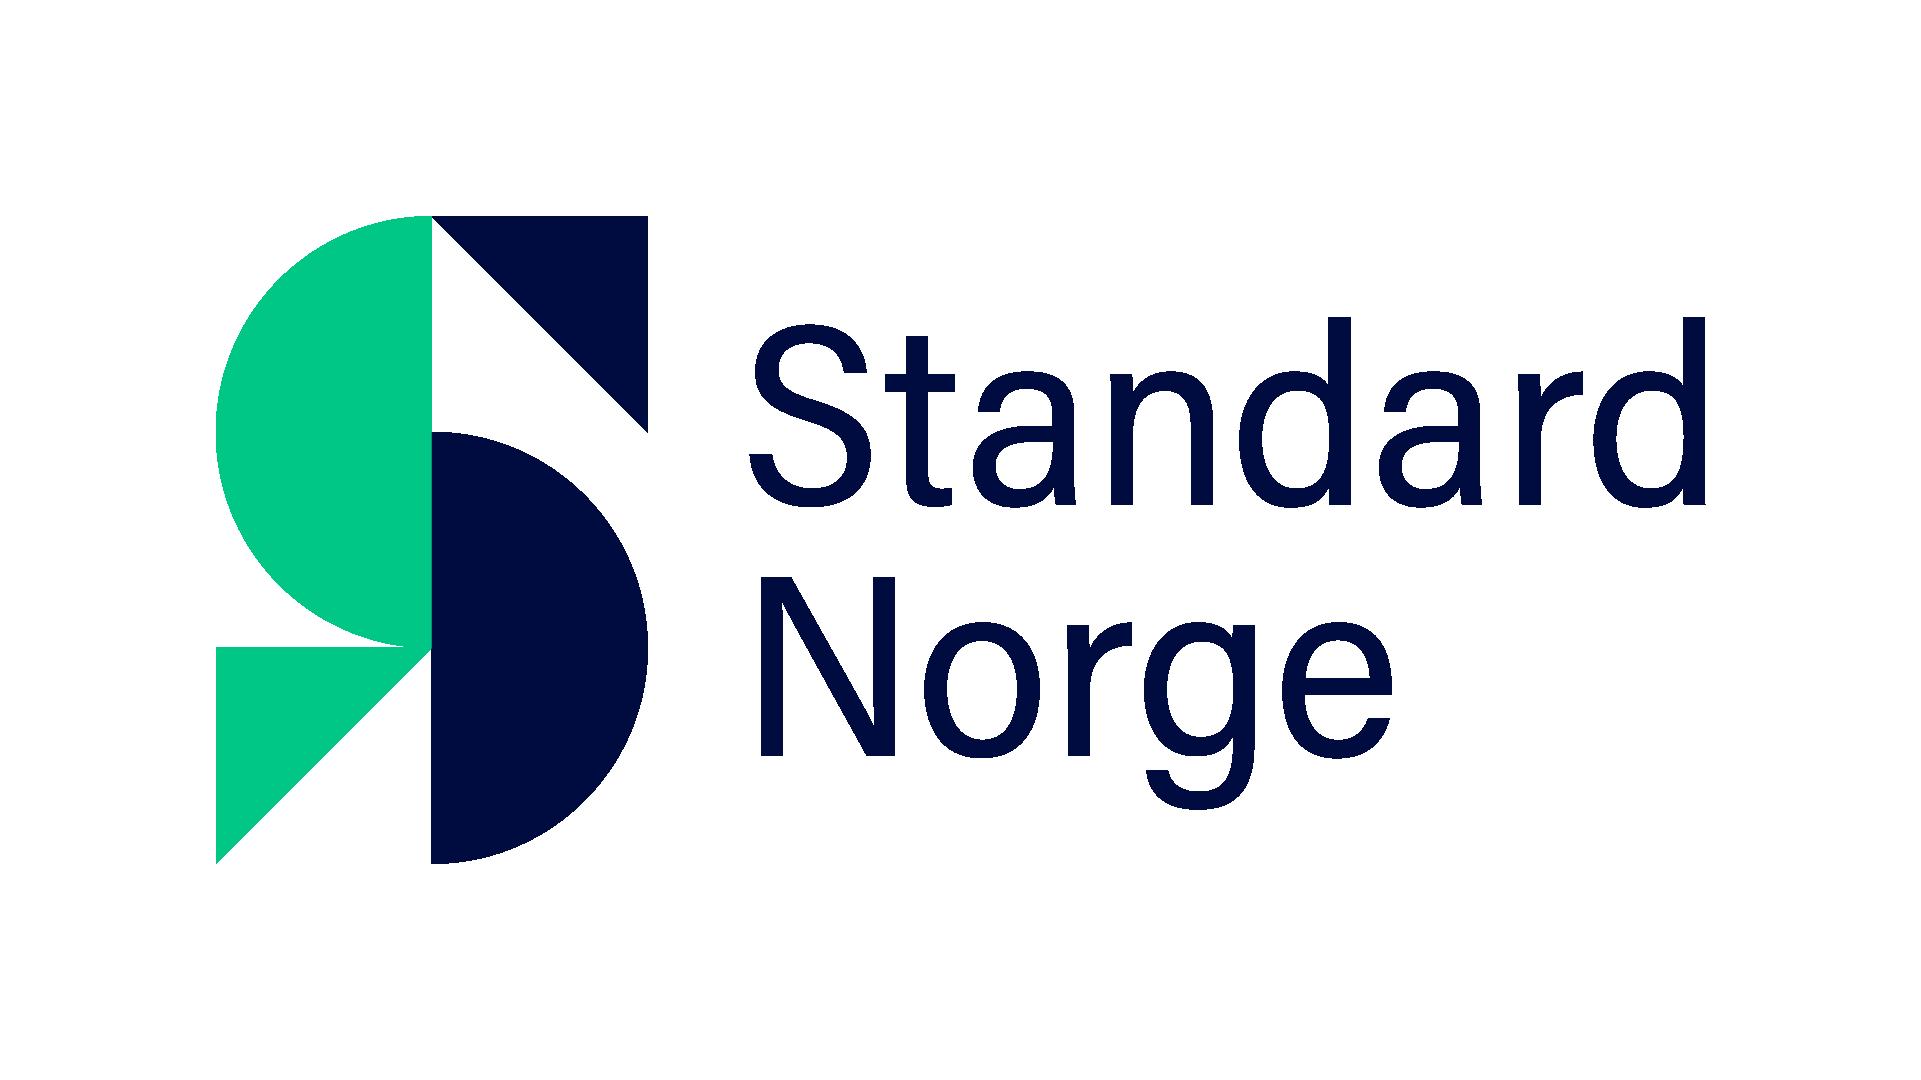 https://www.standard.no/fagomrader/bygg-anlegg-og-eiendom/barekraftige-byggverk/